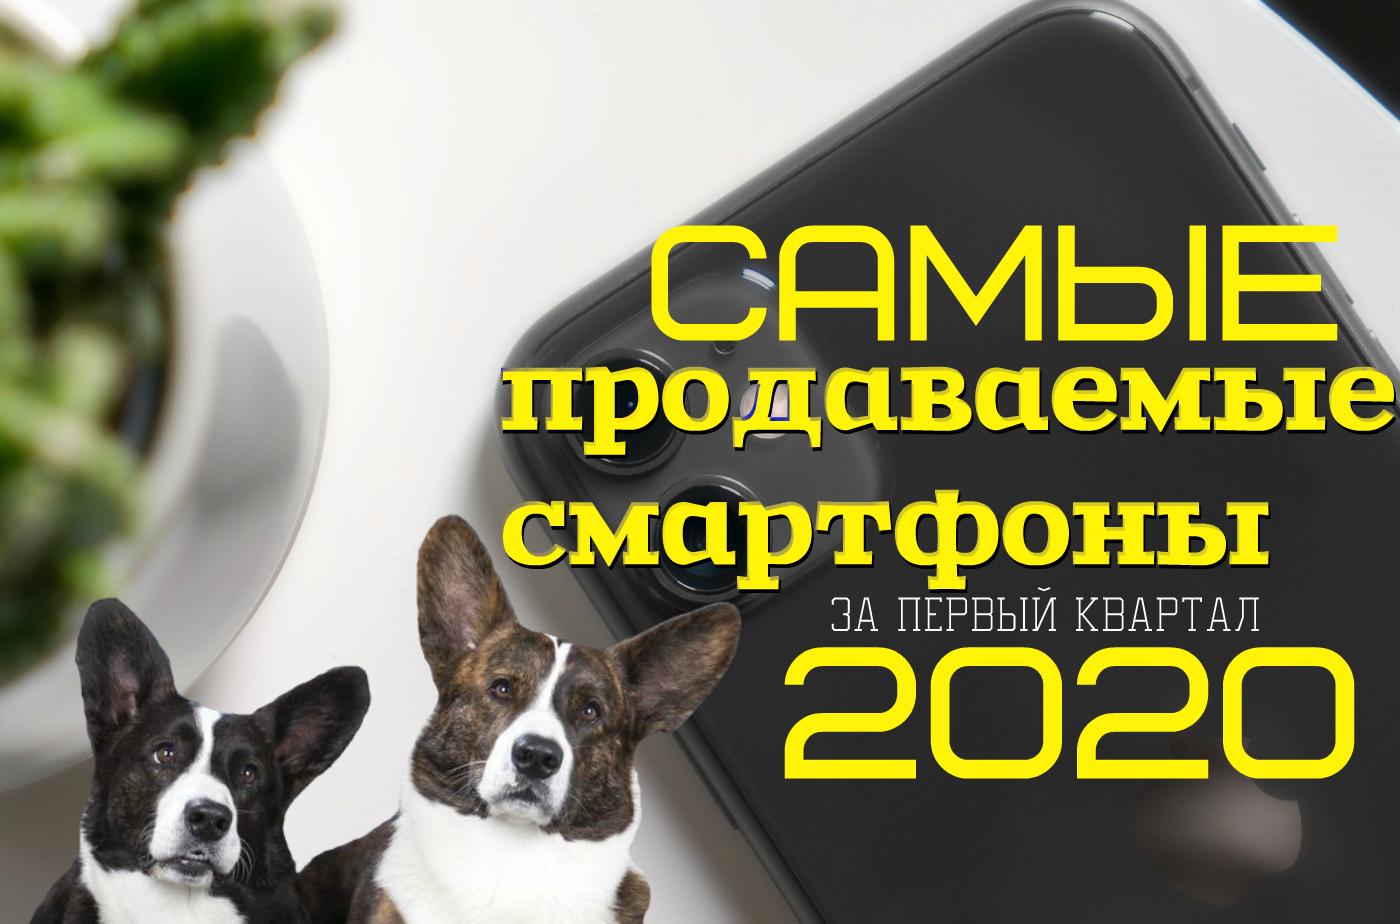 Рейтинг самых продаваемых смартфонов 2020